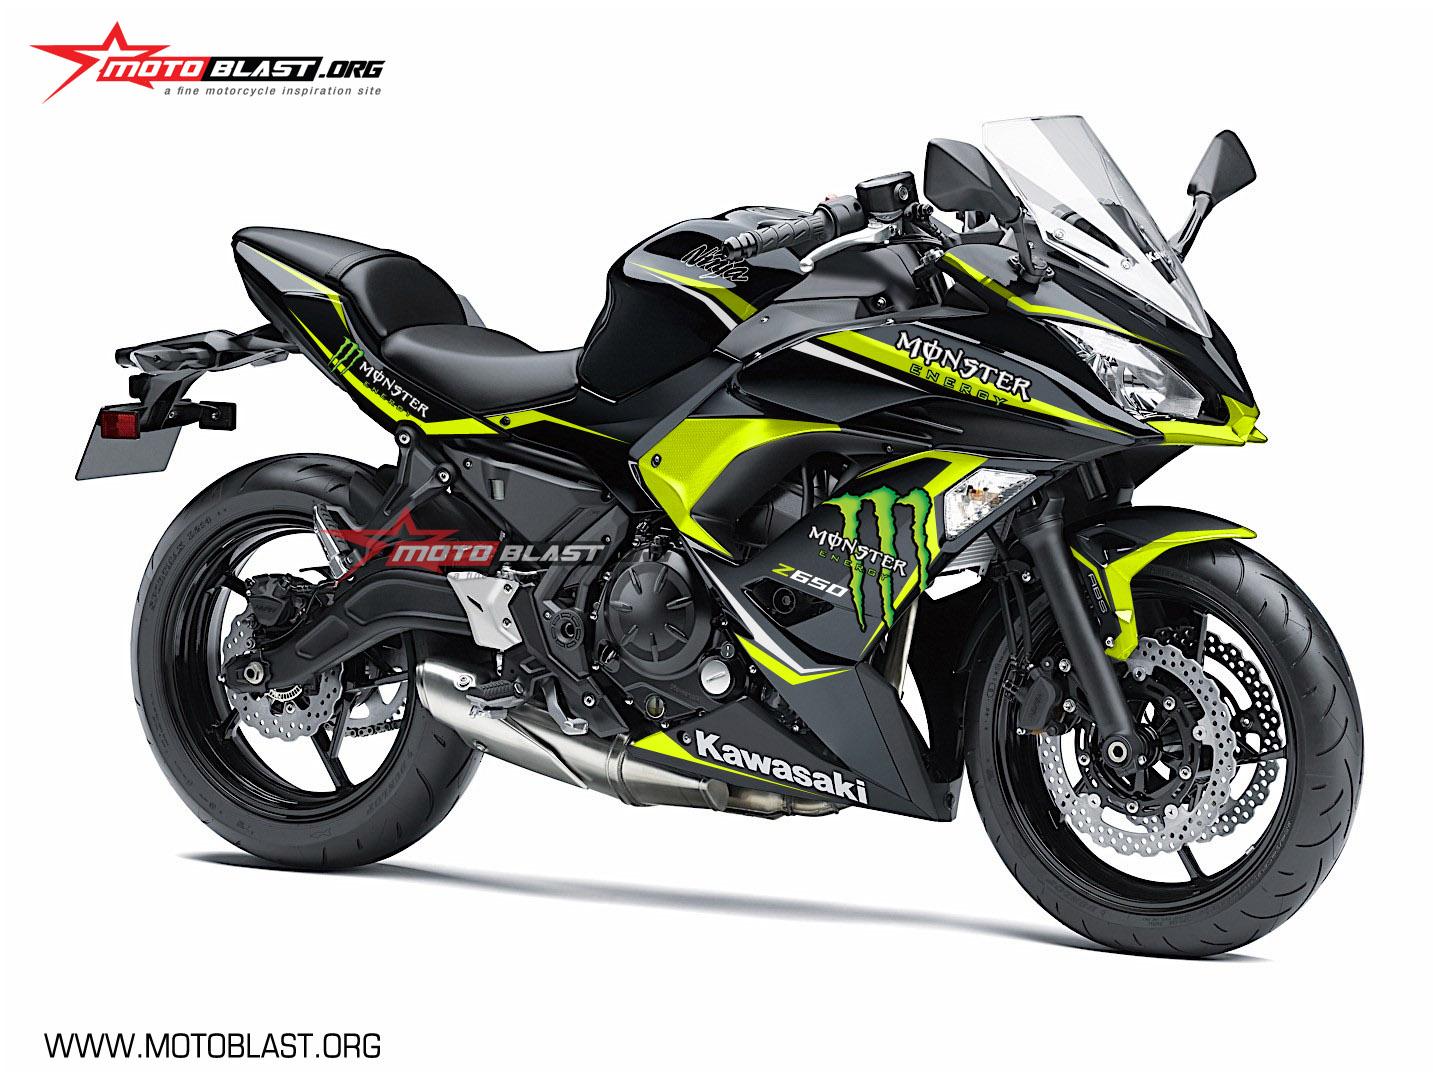 ninja-650-2017-black-monster-energy